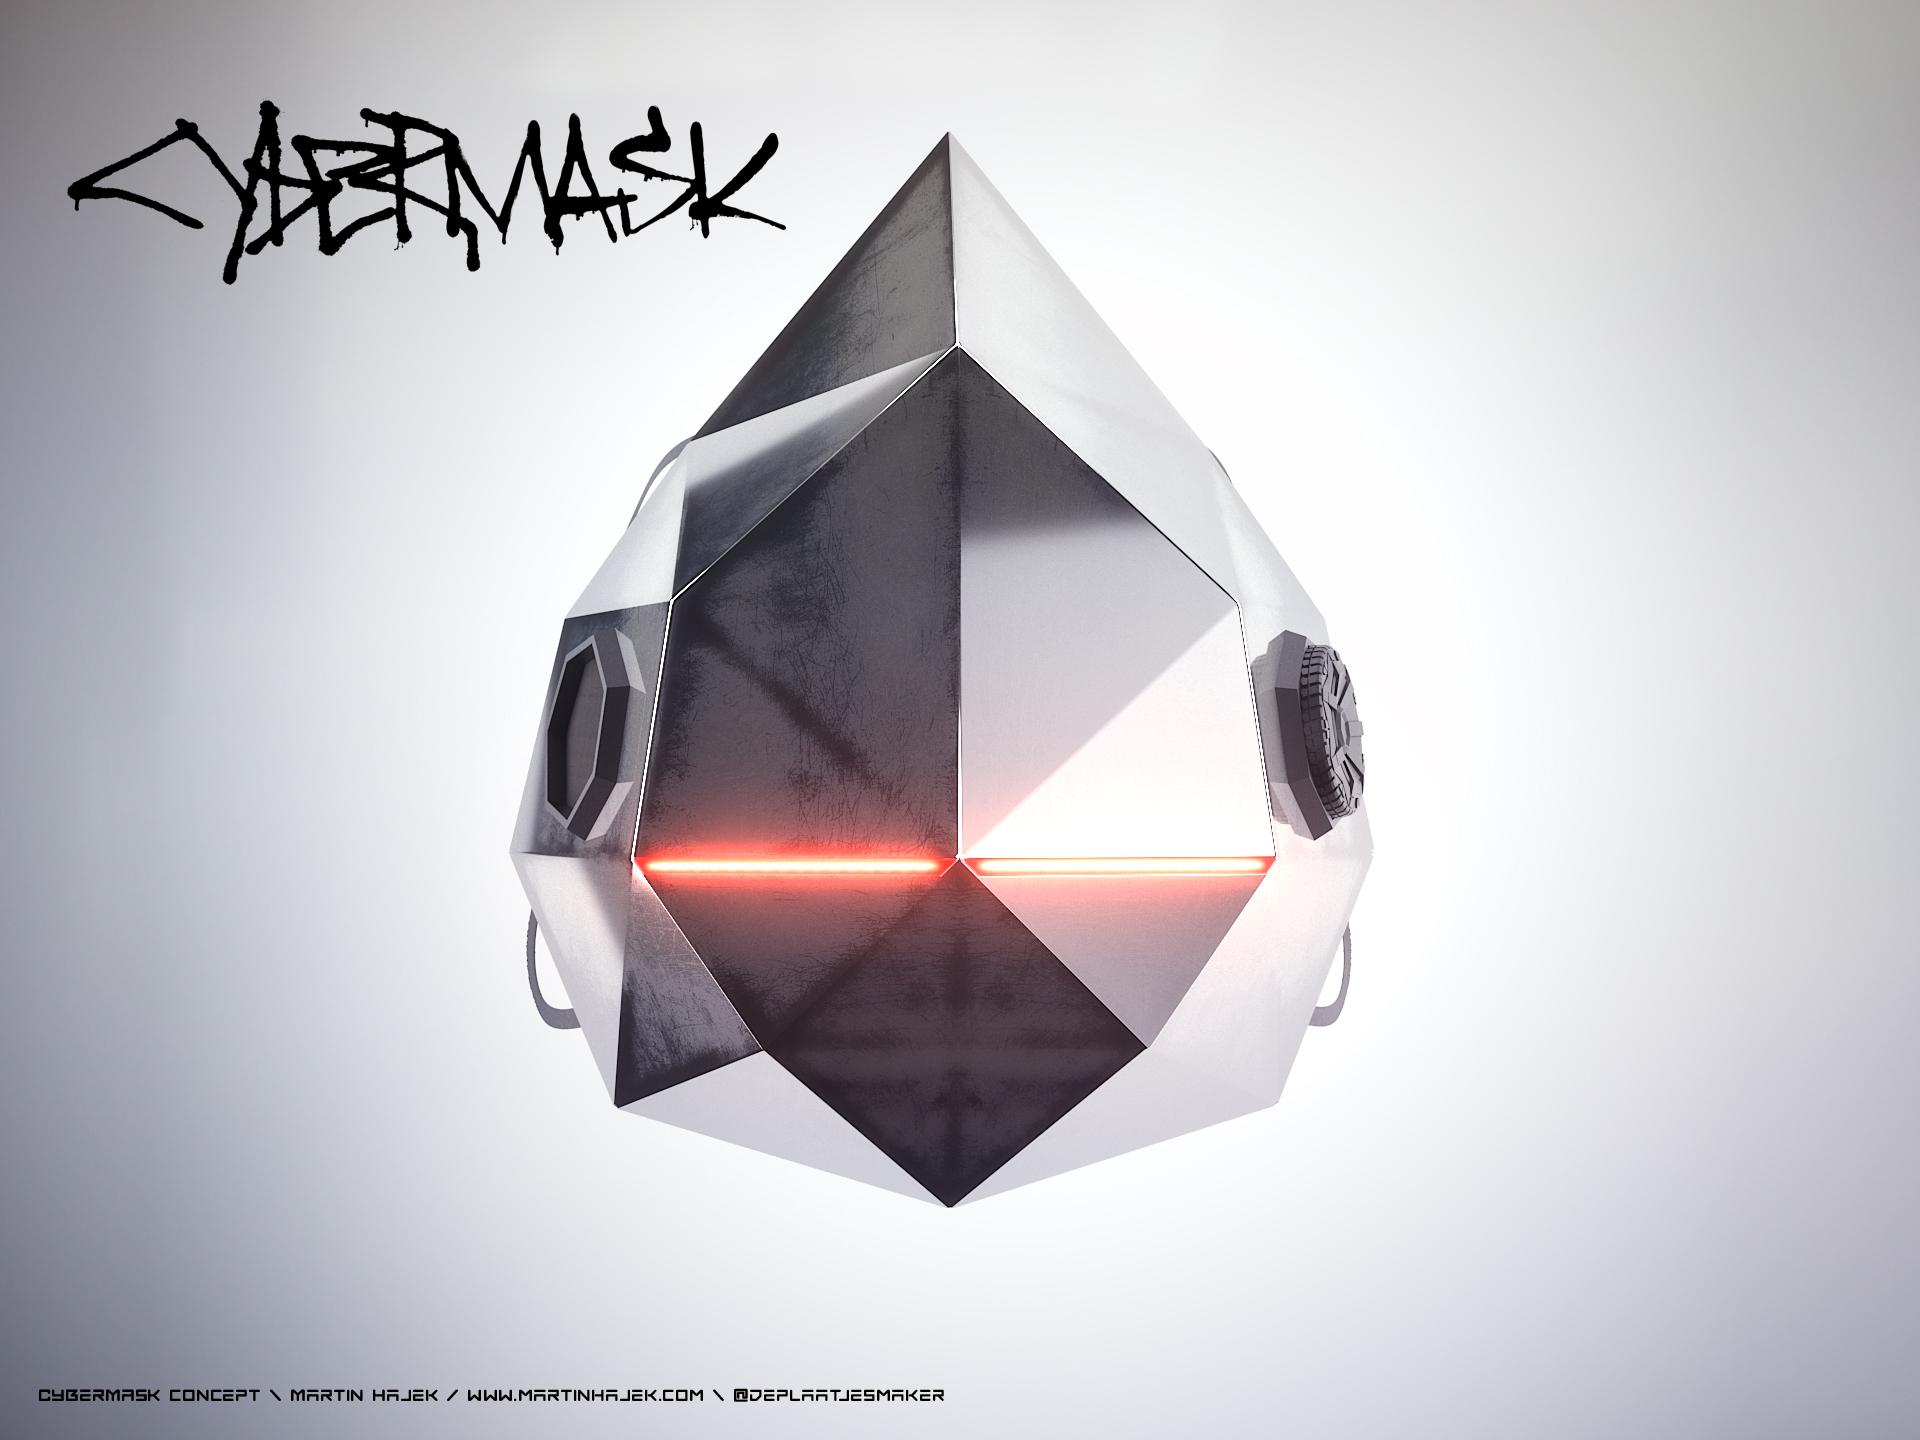 Tesla Cybermask concept